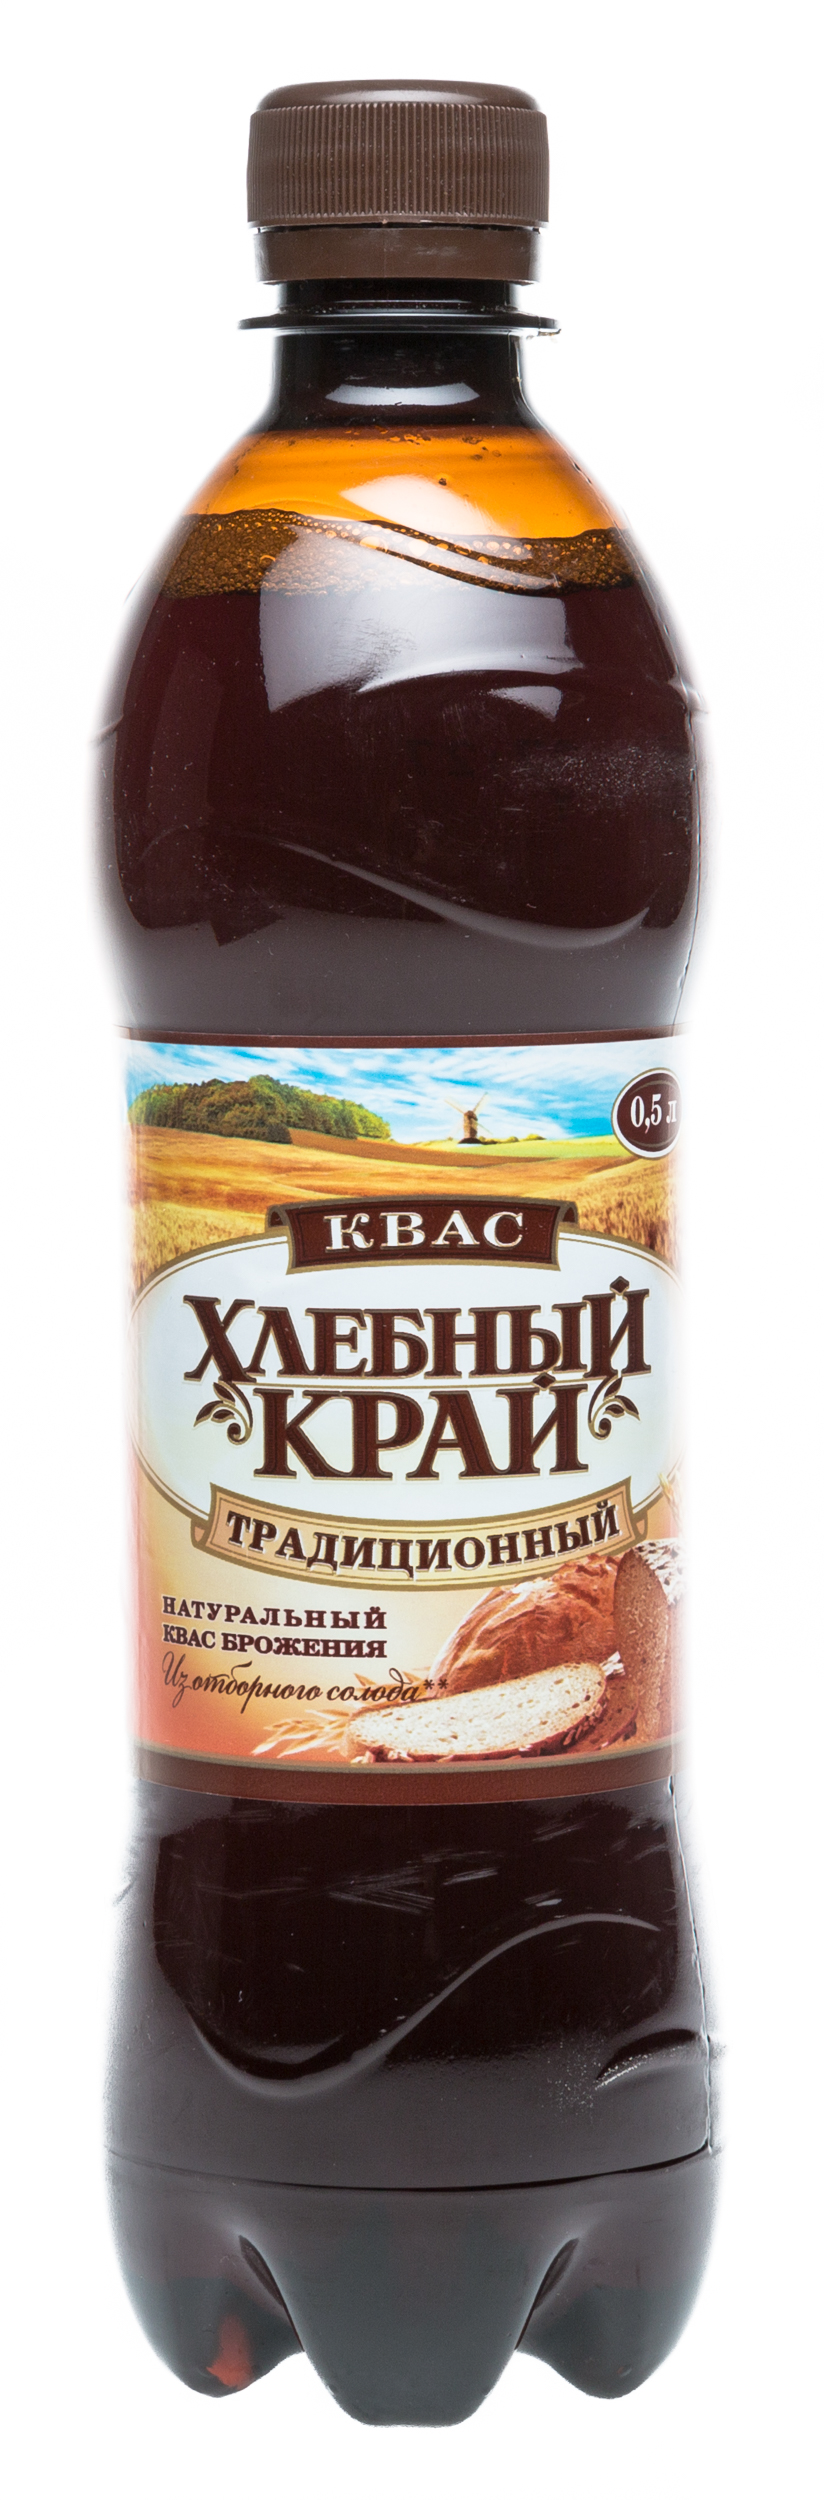 Квас пастеризованный Хлебный Край Традиционный